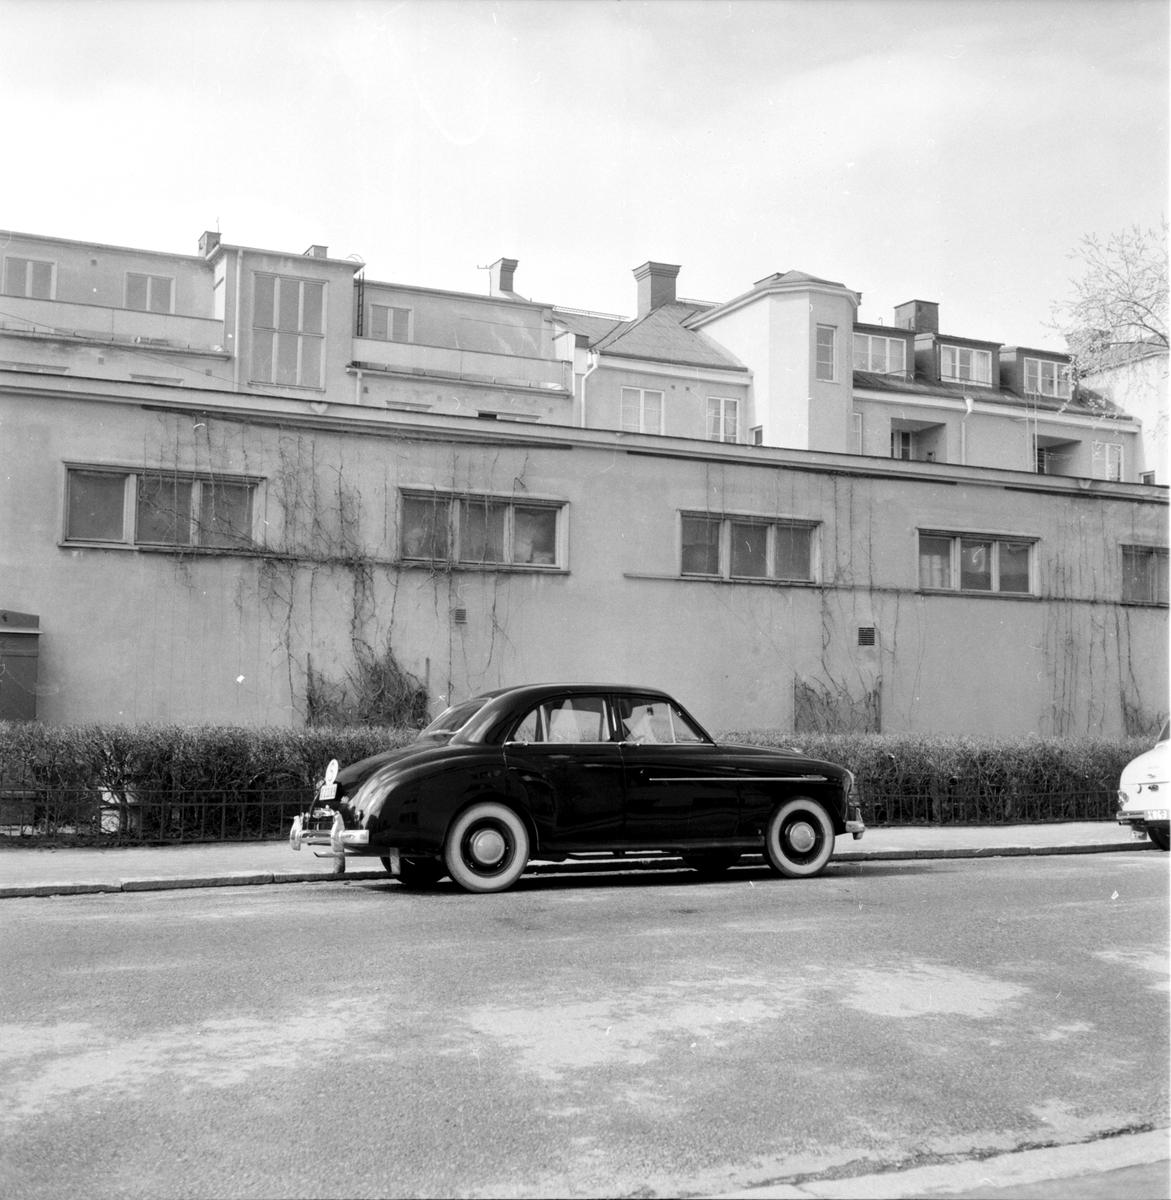 Baumgardt, Nils Händkvist på cykel, 1958